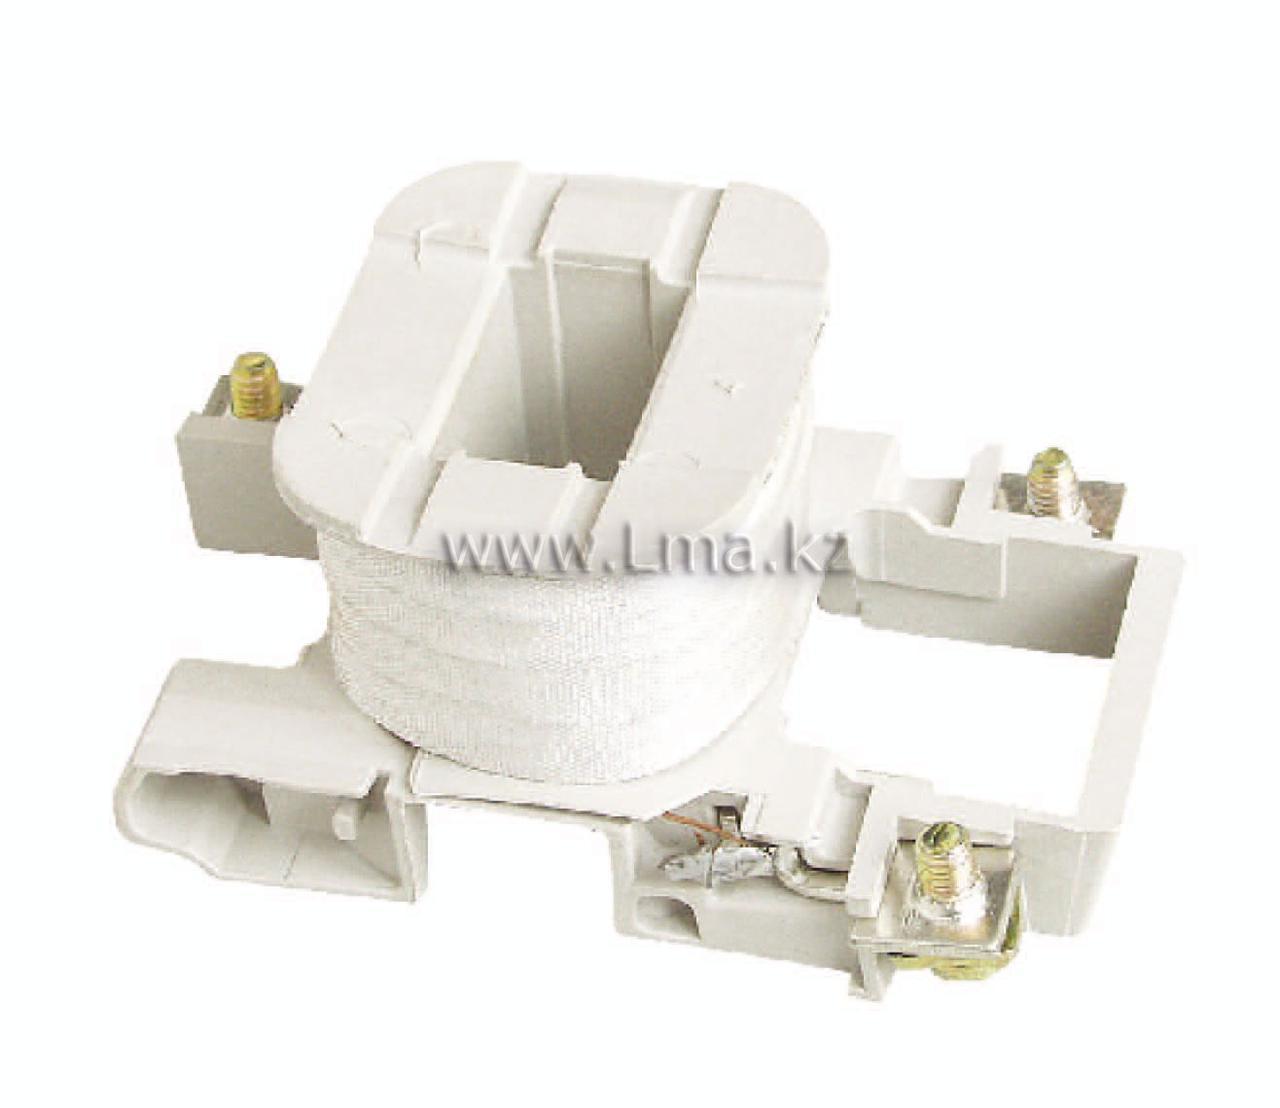 Катушка управления контактором электромагнитным TSX1-D2 (КМК-0918Л) AC 24V, 220V, 380V